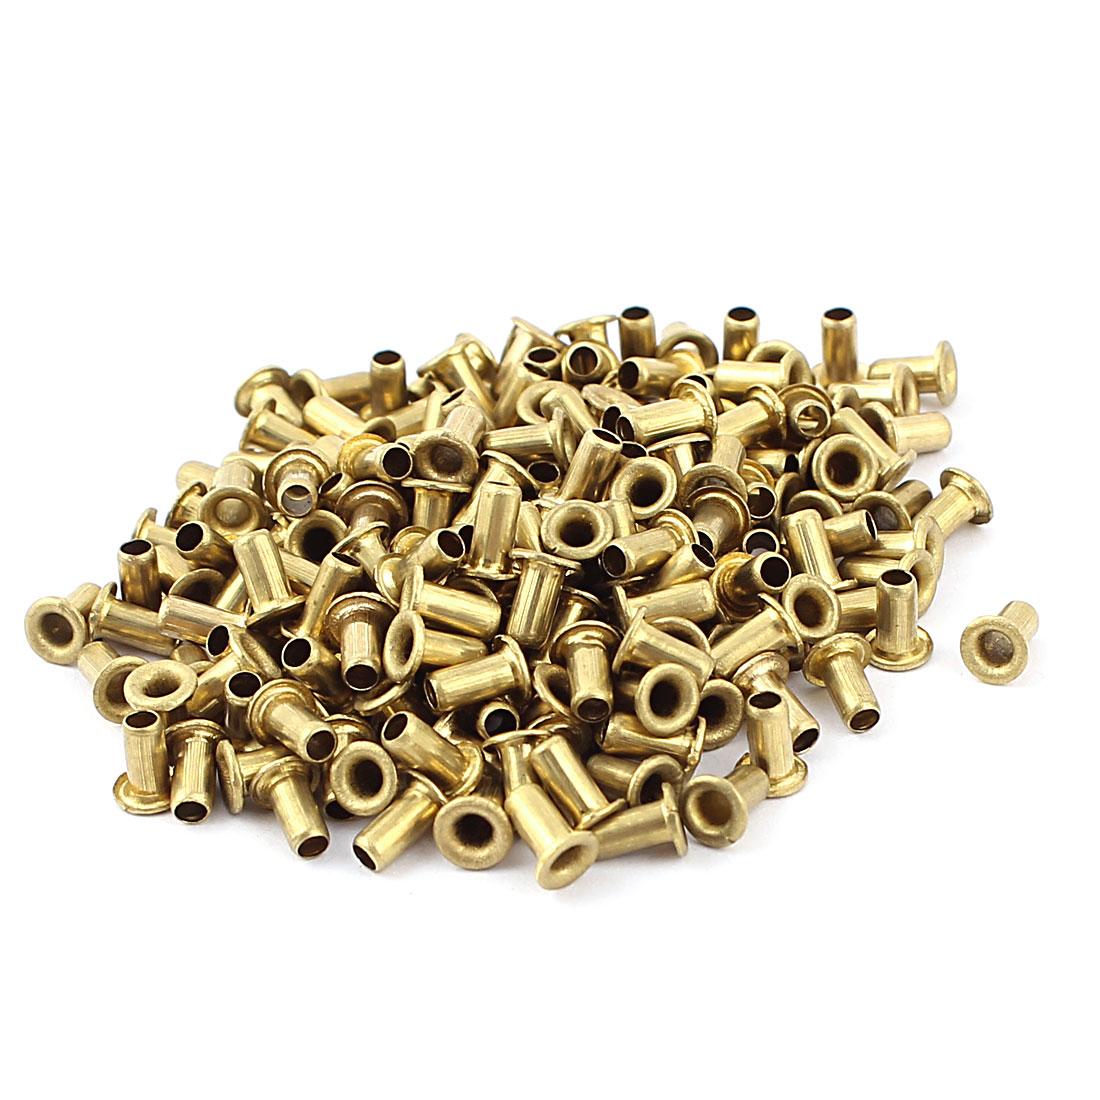 200pcs M2.5x5 Copper Via Vias Plated Through Hole Rivets Hollow Grommets PCB Circuit Board